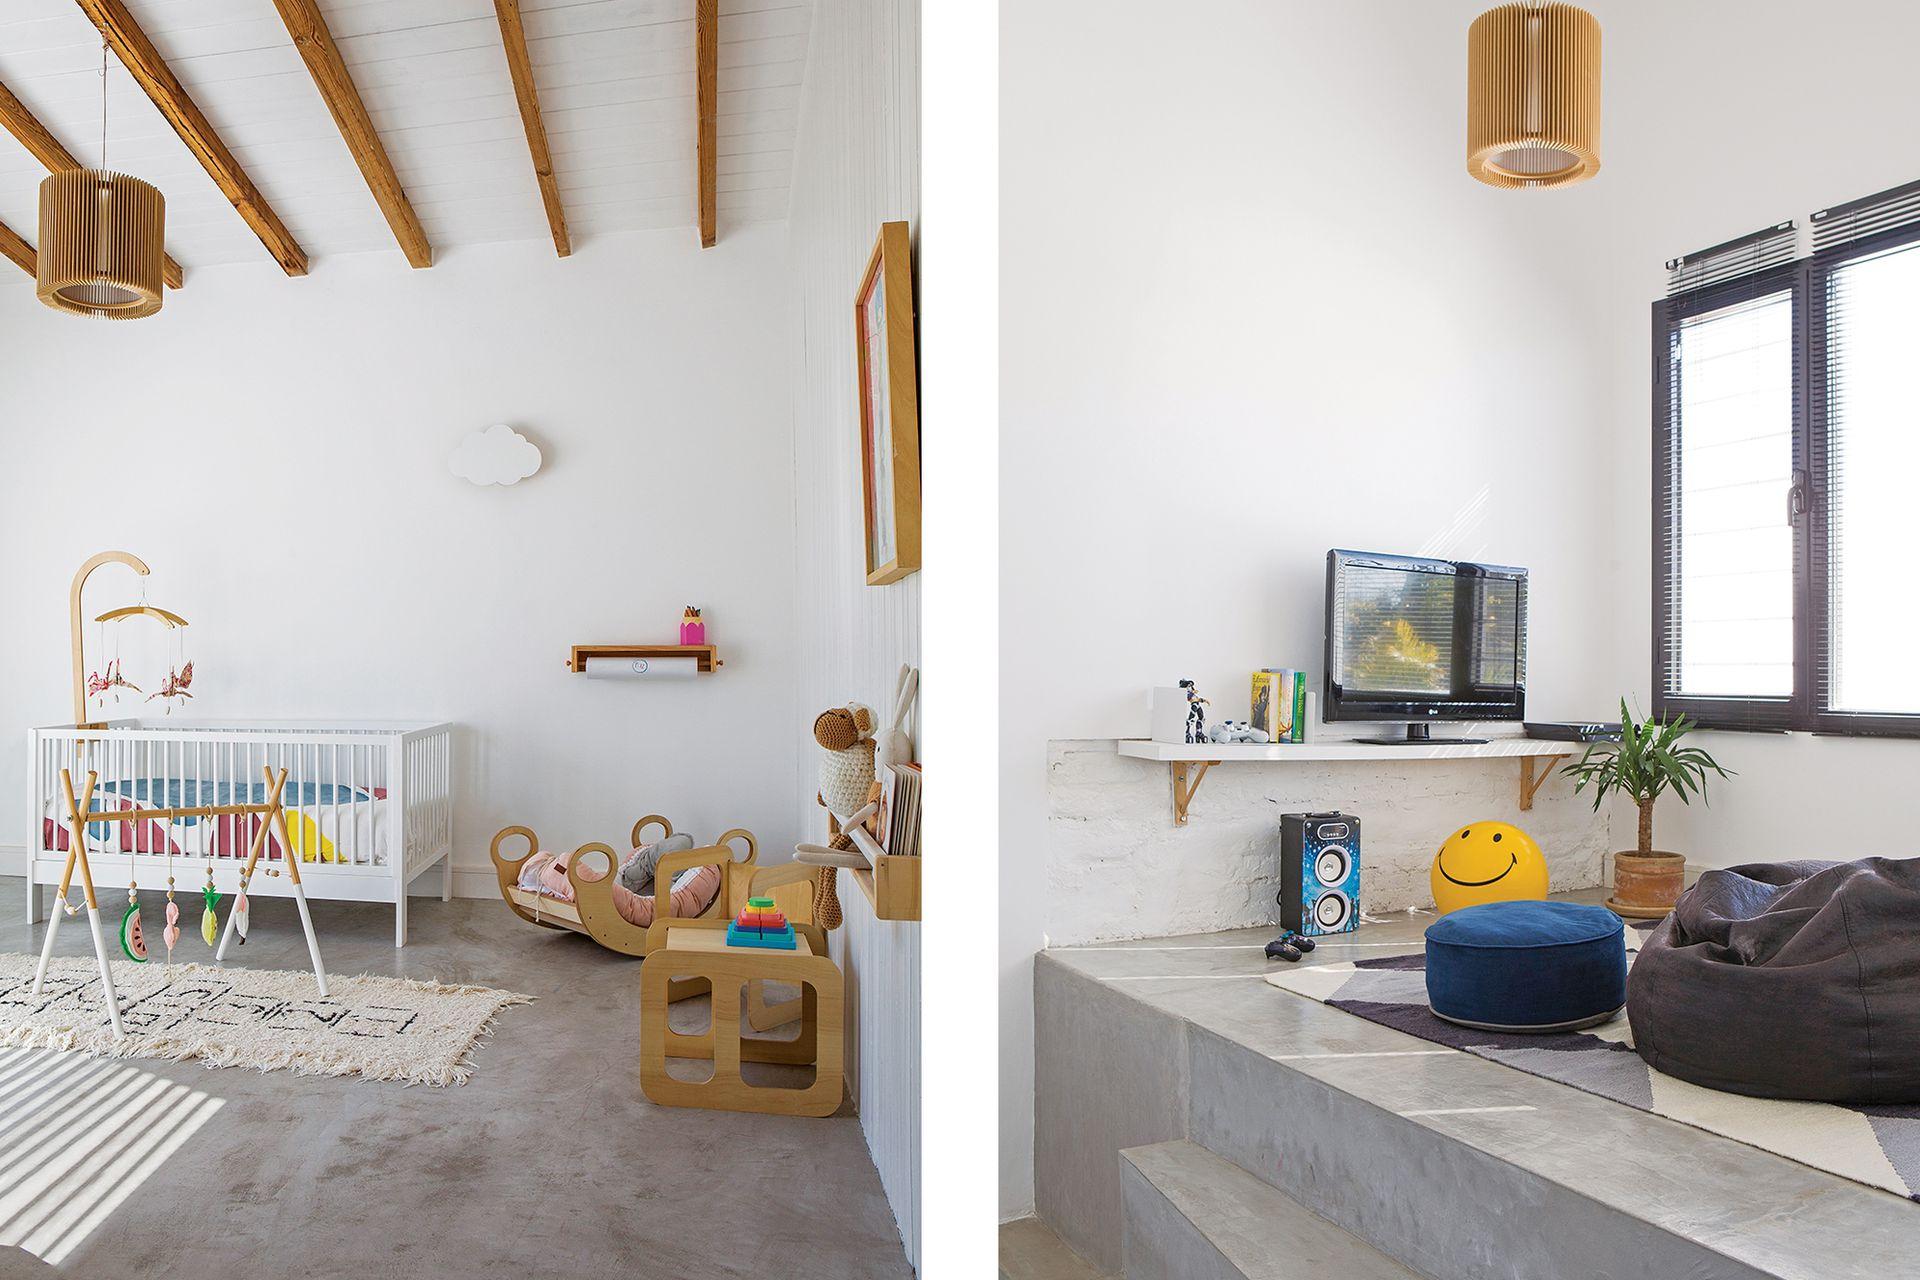 Lámpara, cuna, silla y mesa de madera (Ramón Argüello). Acolchado (Cuka Estudio). Móvil y gimnasio (Pizpireta Market). Alfombra 'Rayuela' (NEC). Der.: Alfombra (Elementos Argentinos). Puf gota (Arredo).